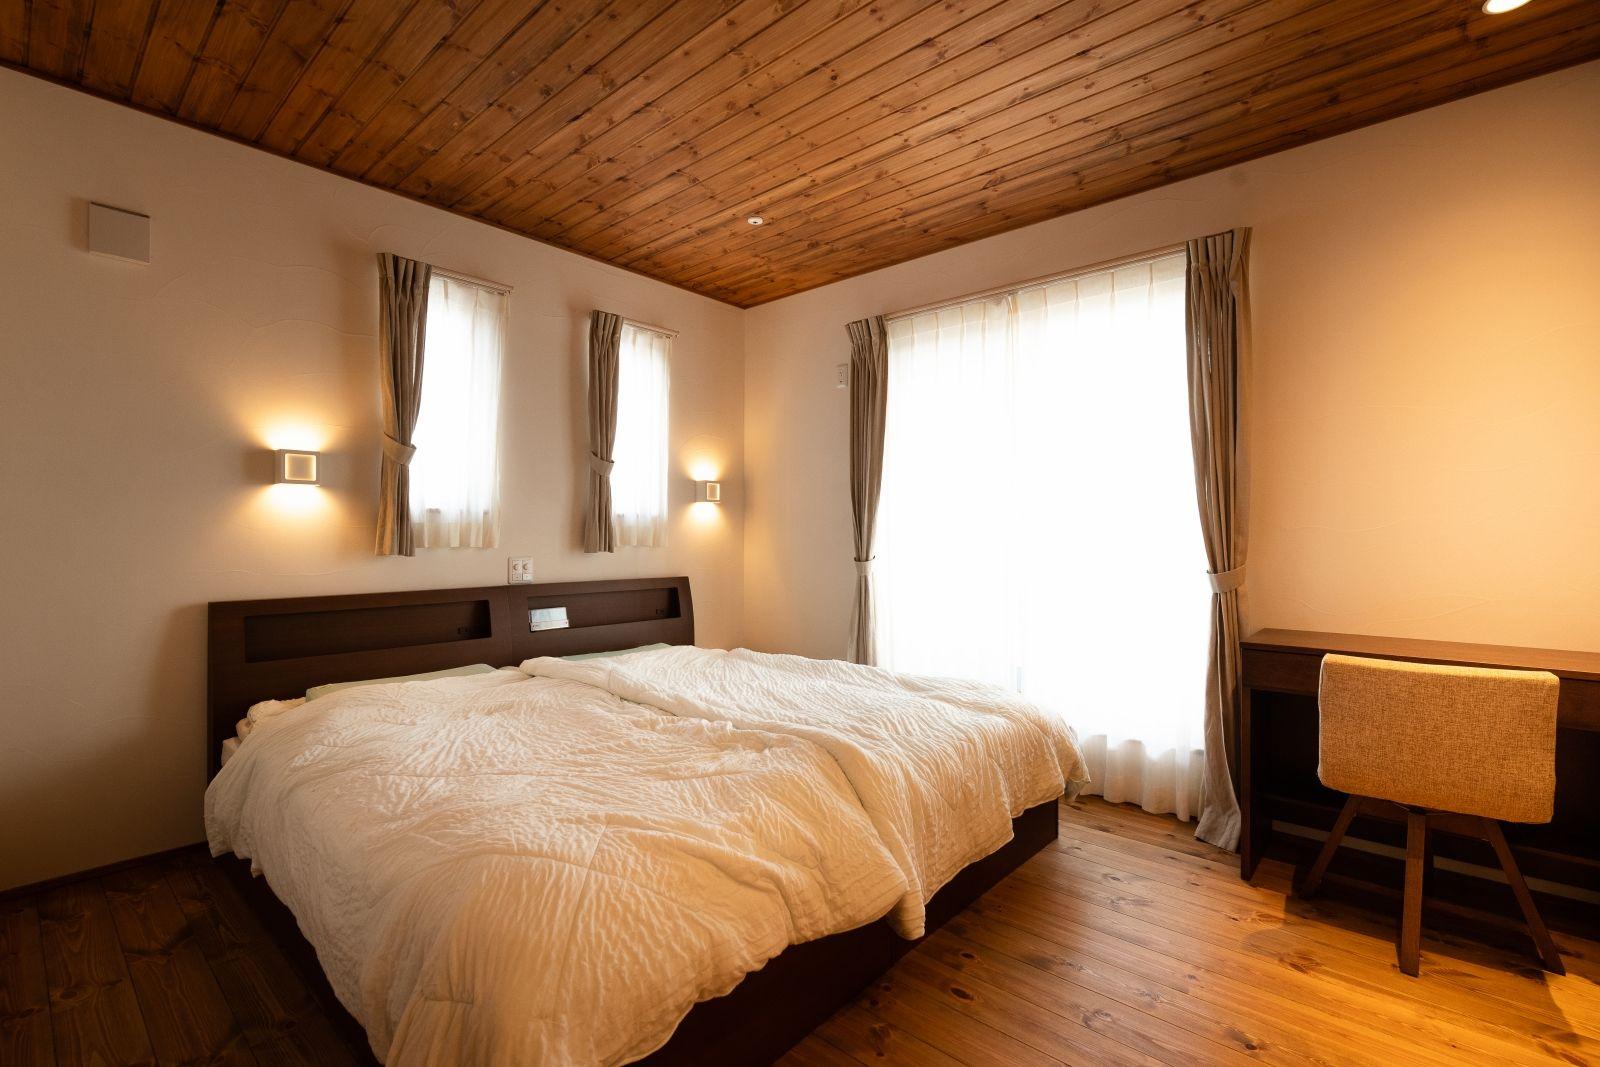 丸窓の和モダン住宅で 自然素材 に包まれた豊かなくらし 住宅 寝室